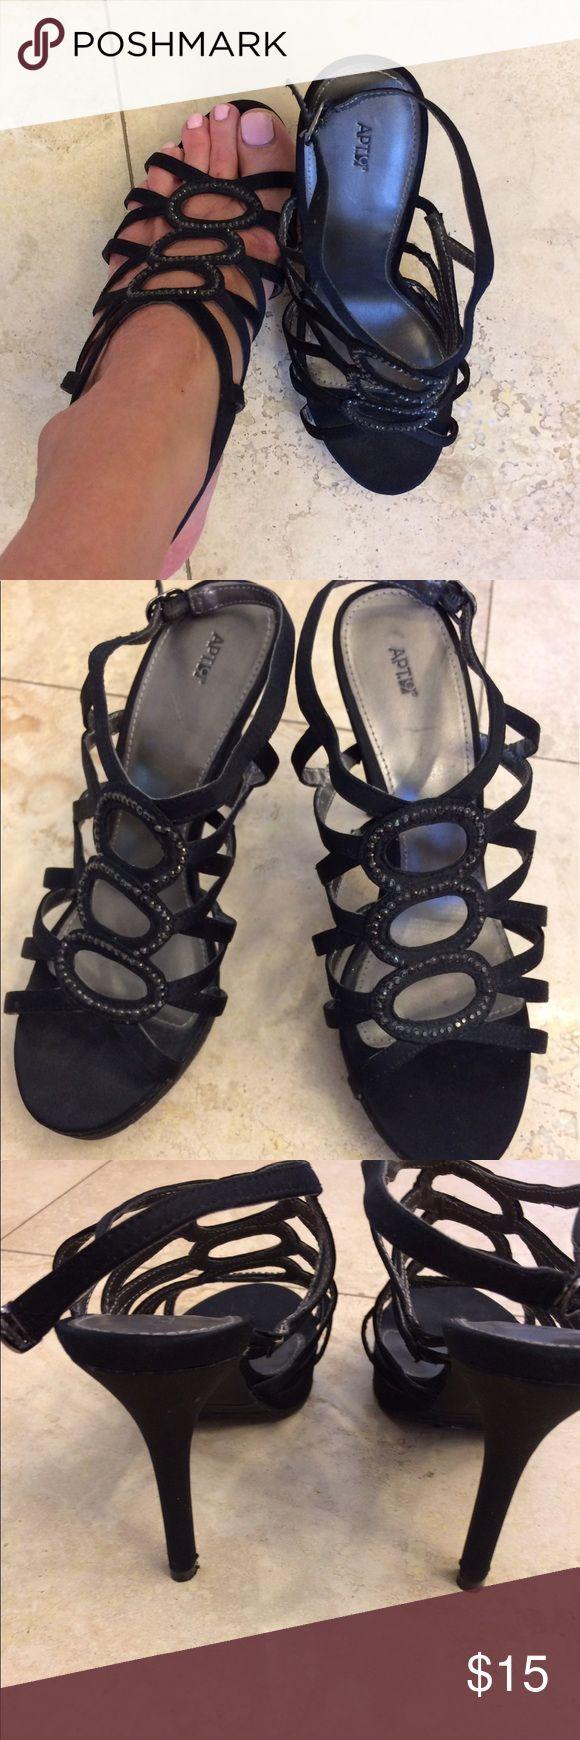 Apt. 9 darling 8.5 black sequin scrappy heels